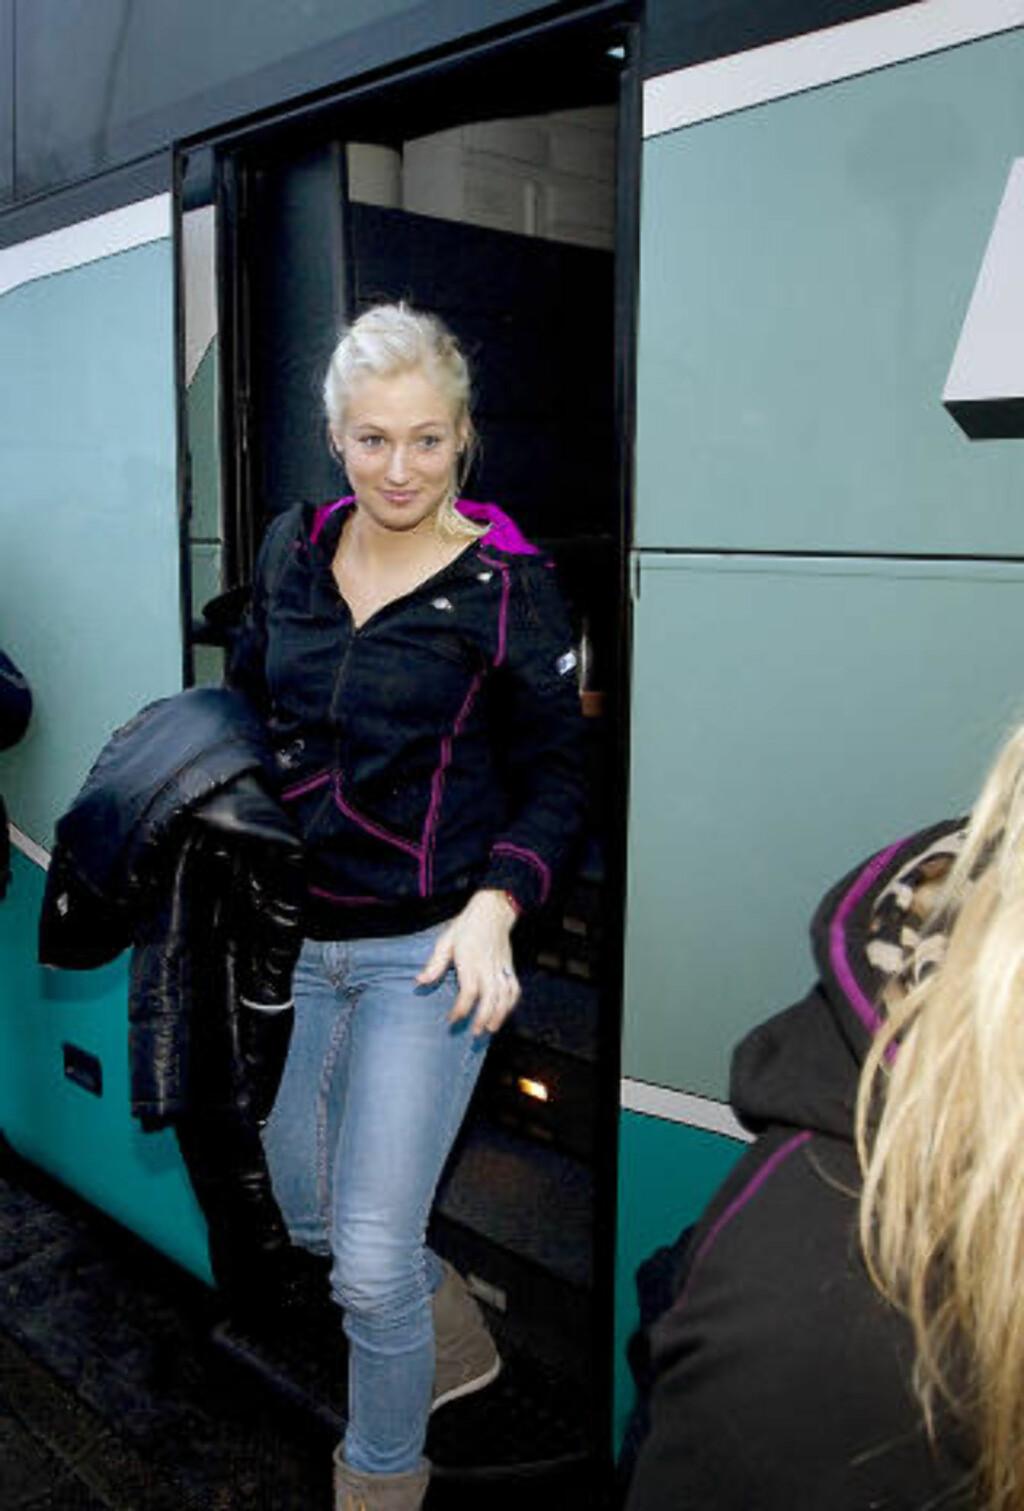 VIL KLINKE TIL: Linn Jørum Sulland lover å klinke til om hun få sjansen mot Danmark i morgen. Foto: BJØRN LANGSEM